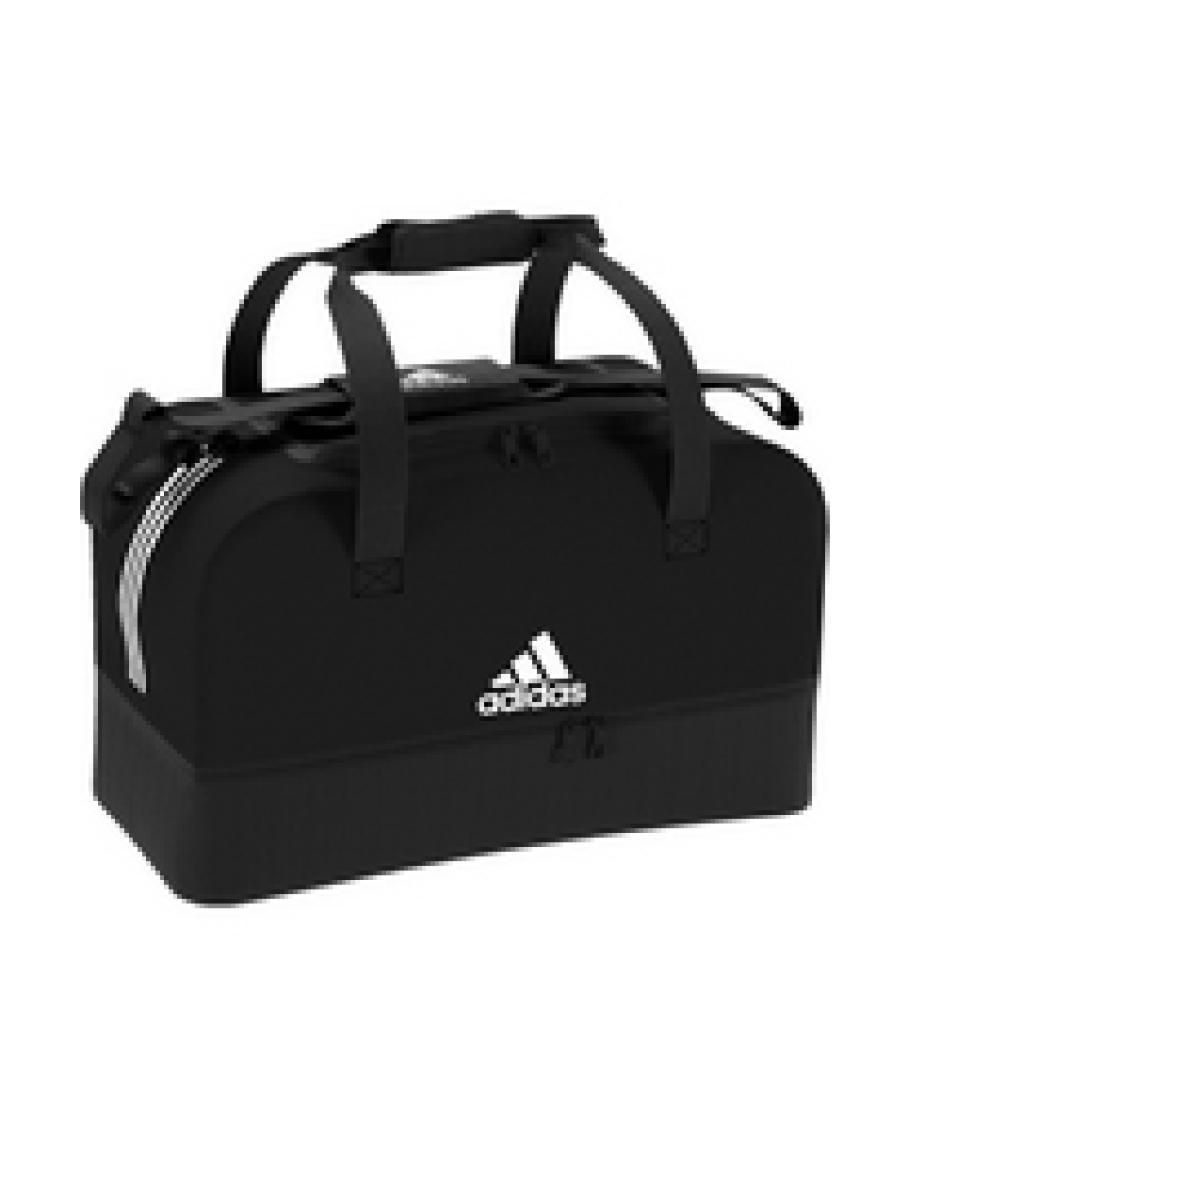 Unisex Adidas Dq1081 Mala Tiro l Preto